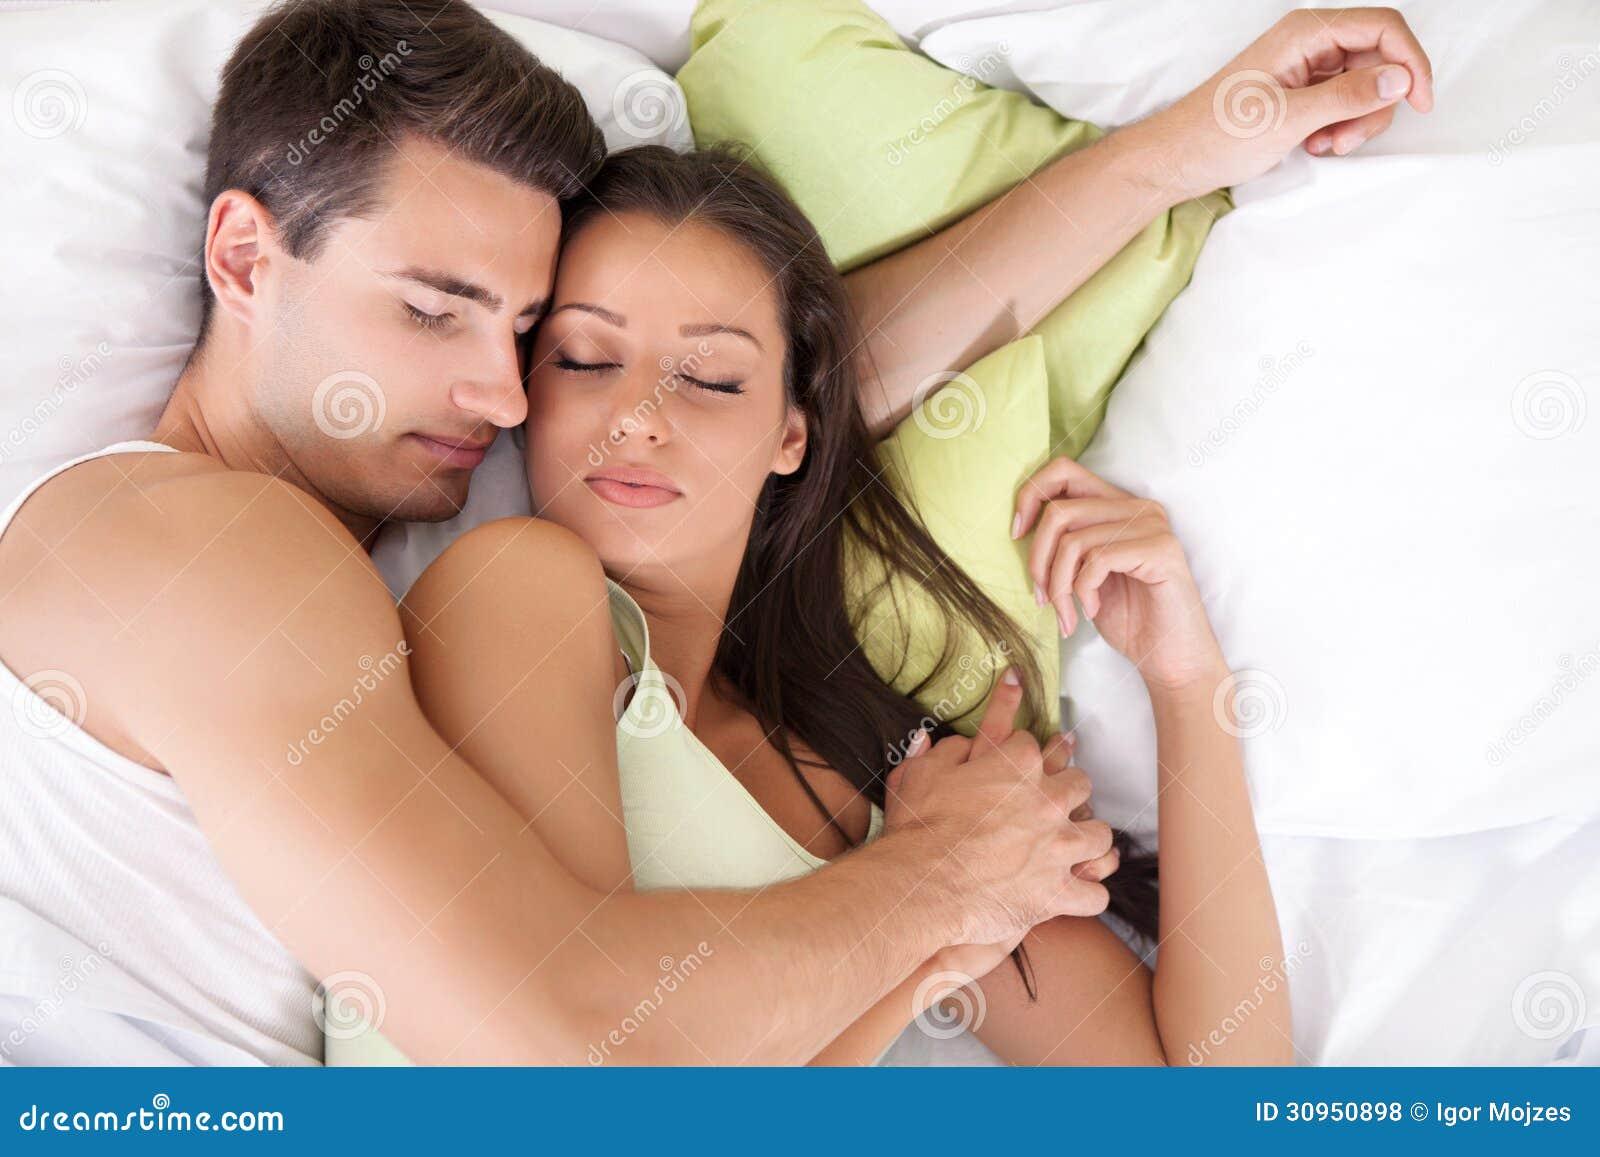 Что если девушки спят вместе, Изучите и запомните: как вычислить девушку. - Limon 25 фотография